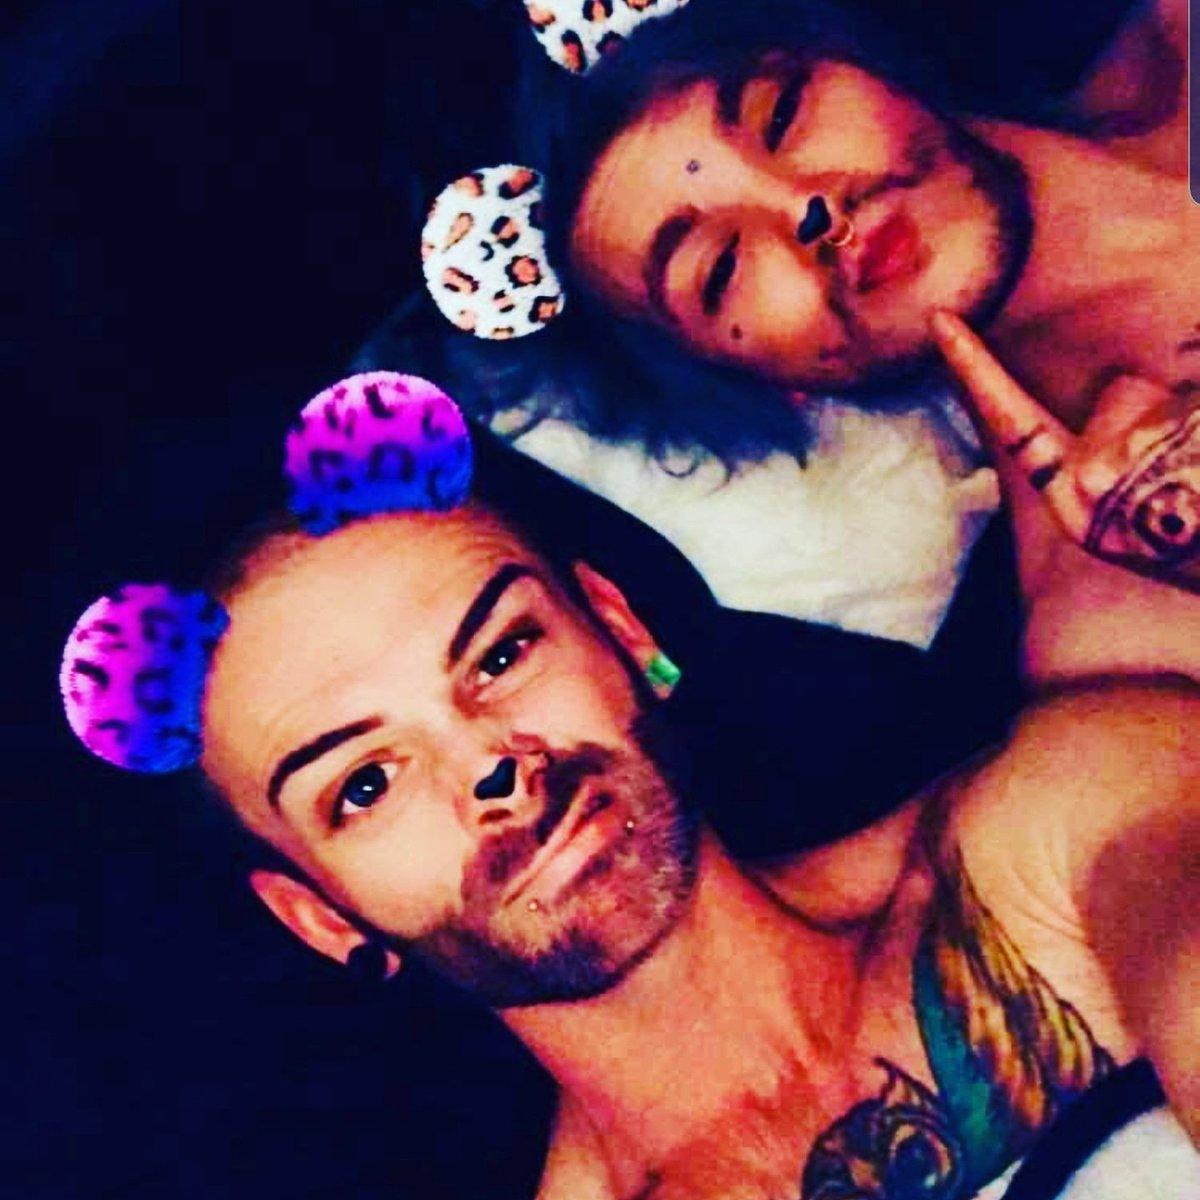 #NewProfilePic #follobackforfolloback #LoveStory #gaypride #futurestar #Superstar #fame #futurehusbandpic.twitter.com/3eHKGlTl1h